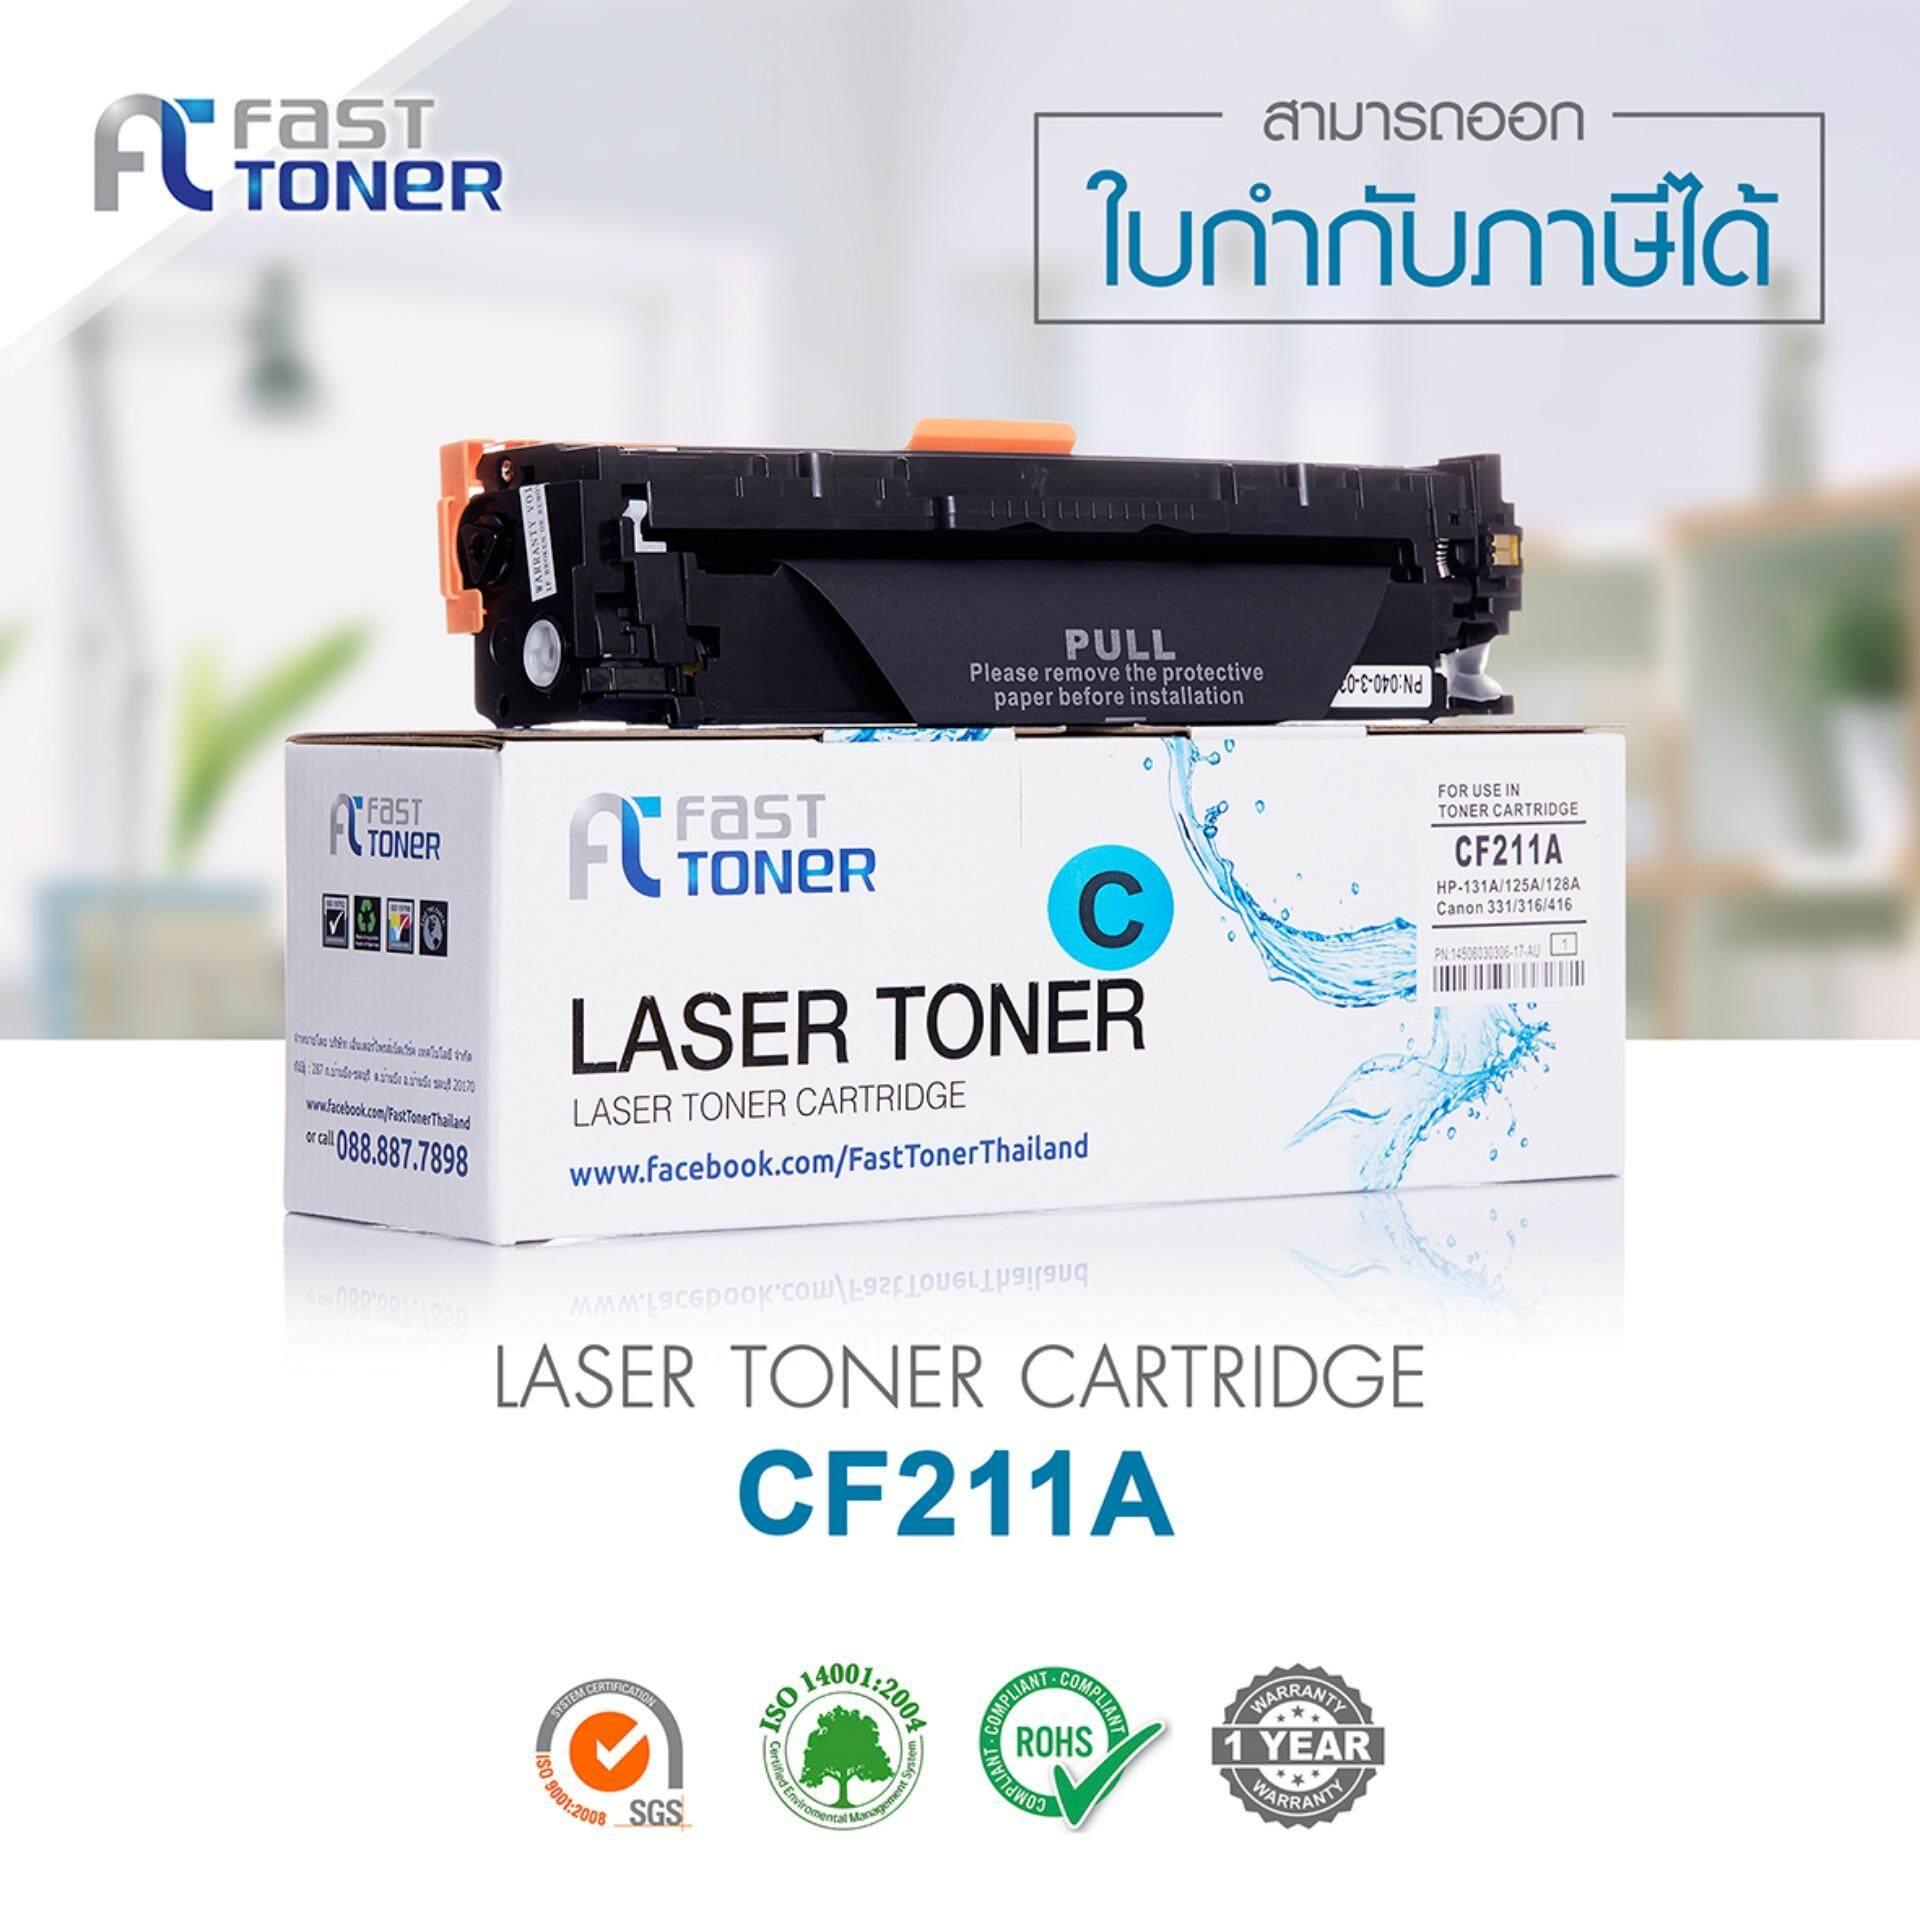 ราคา Fast Toner Hp ตลับหมึก Hp 131A รุ่น Cf211A Cyan สำหรับปริ๊นเตอร์เลเซอร์ Hp Laserjet Pro 200 M251 M276 Fast Toner เป็นต้นฉบับ